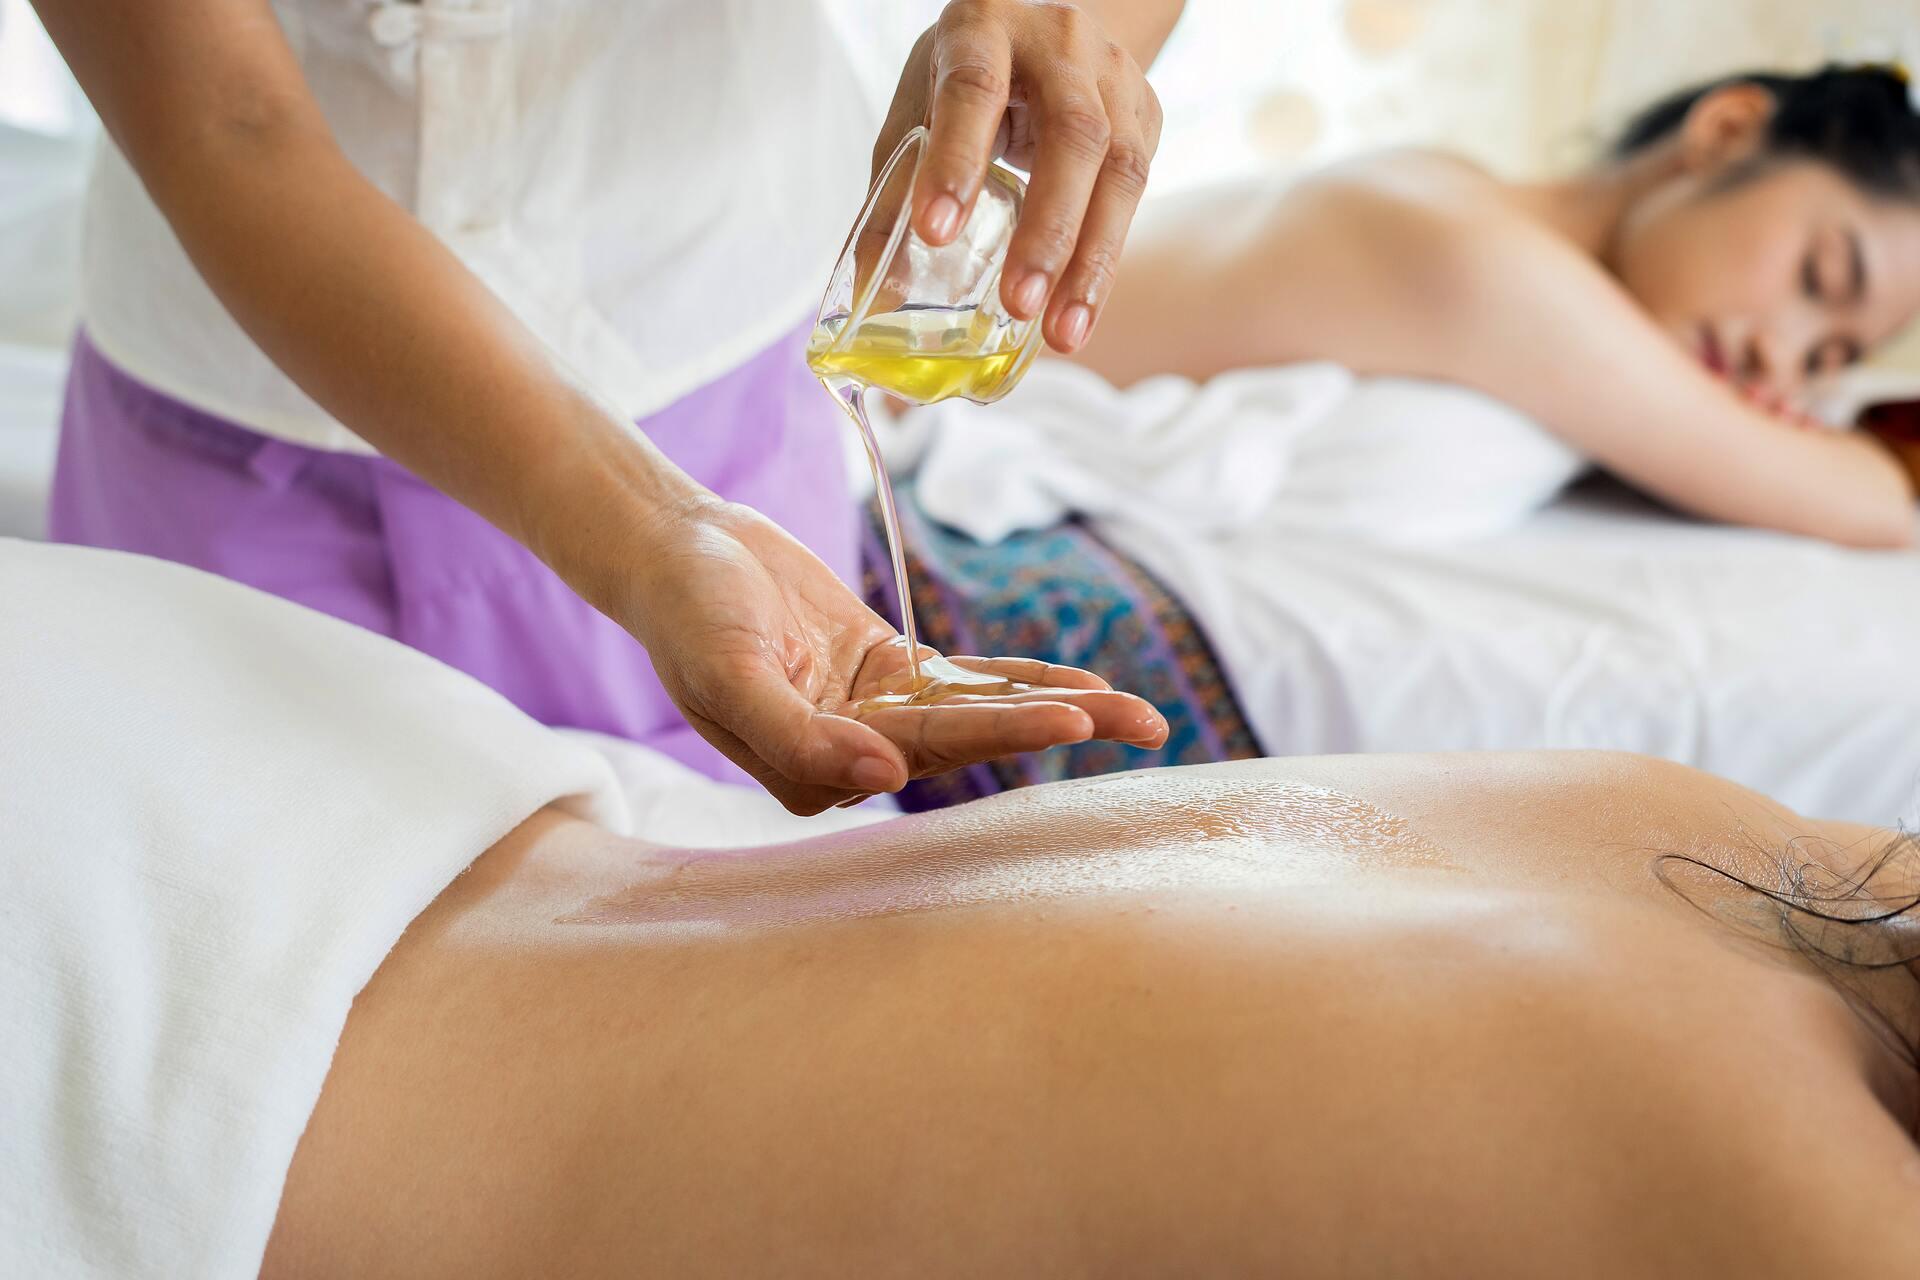 Фишка балийского массажа — в точечном и глубоком воздействии на определенные мышцы. А дополнительные приятные плюсы — микс из ароматерапии и аюрведических техник